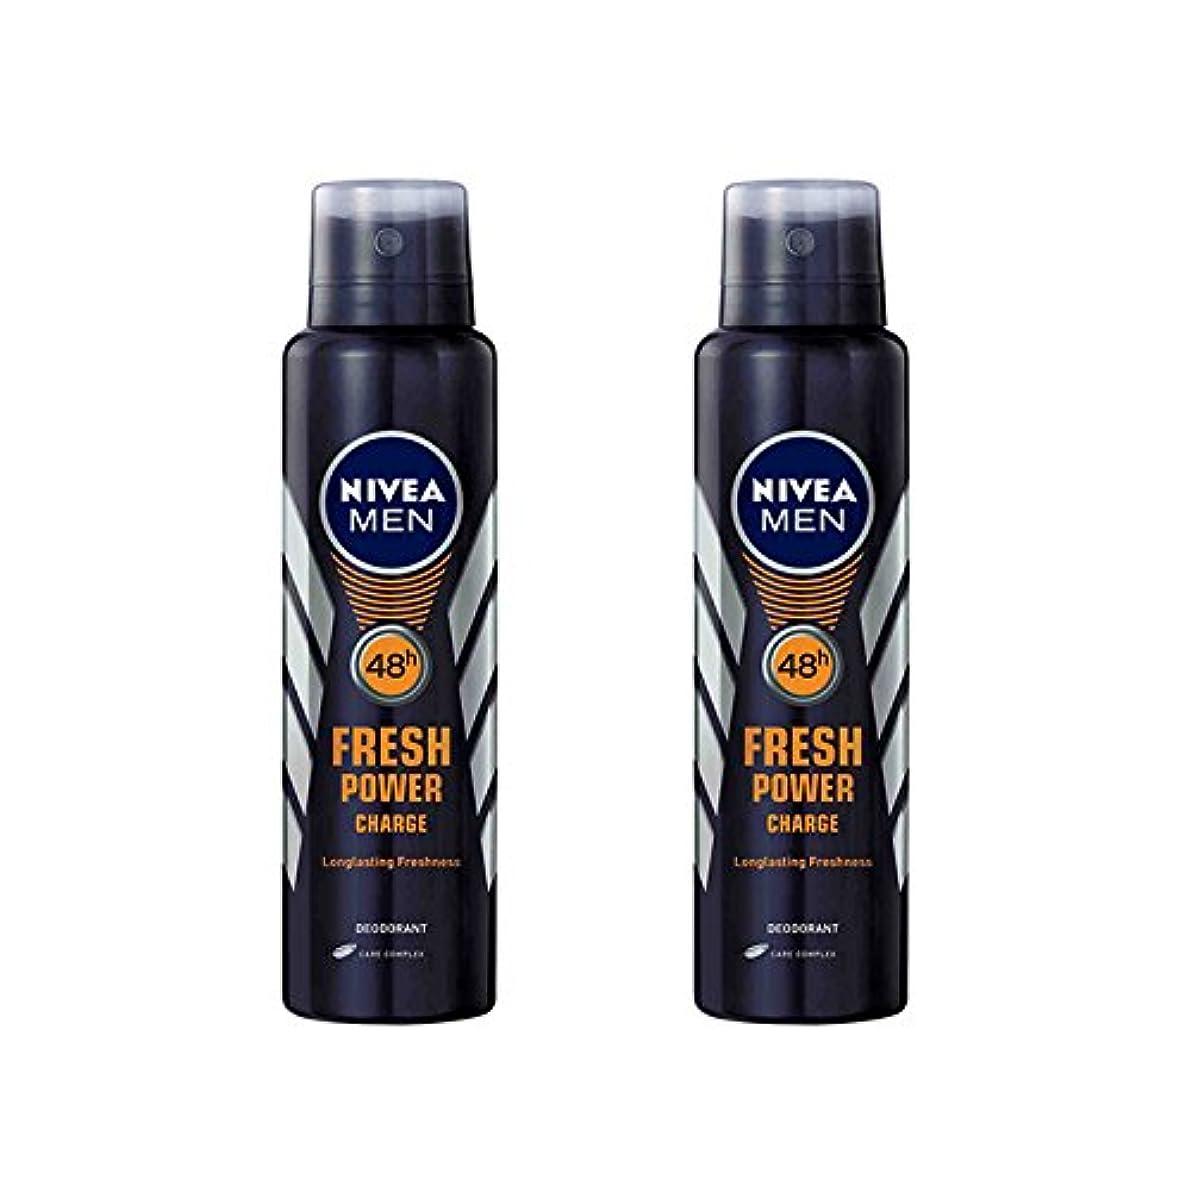 レンダリングデクリメント早熟2 Lots X Nivea Male Deodorant Fresh Power Charge, 150ml - 並行輸入品 - 2ロットXニベア男性デオドラントフレッシュパワーチャージ、150ml